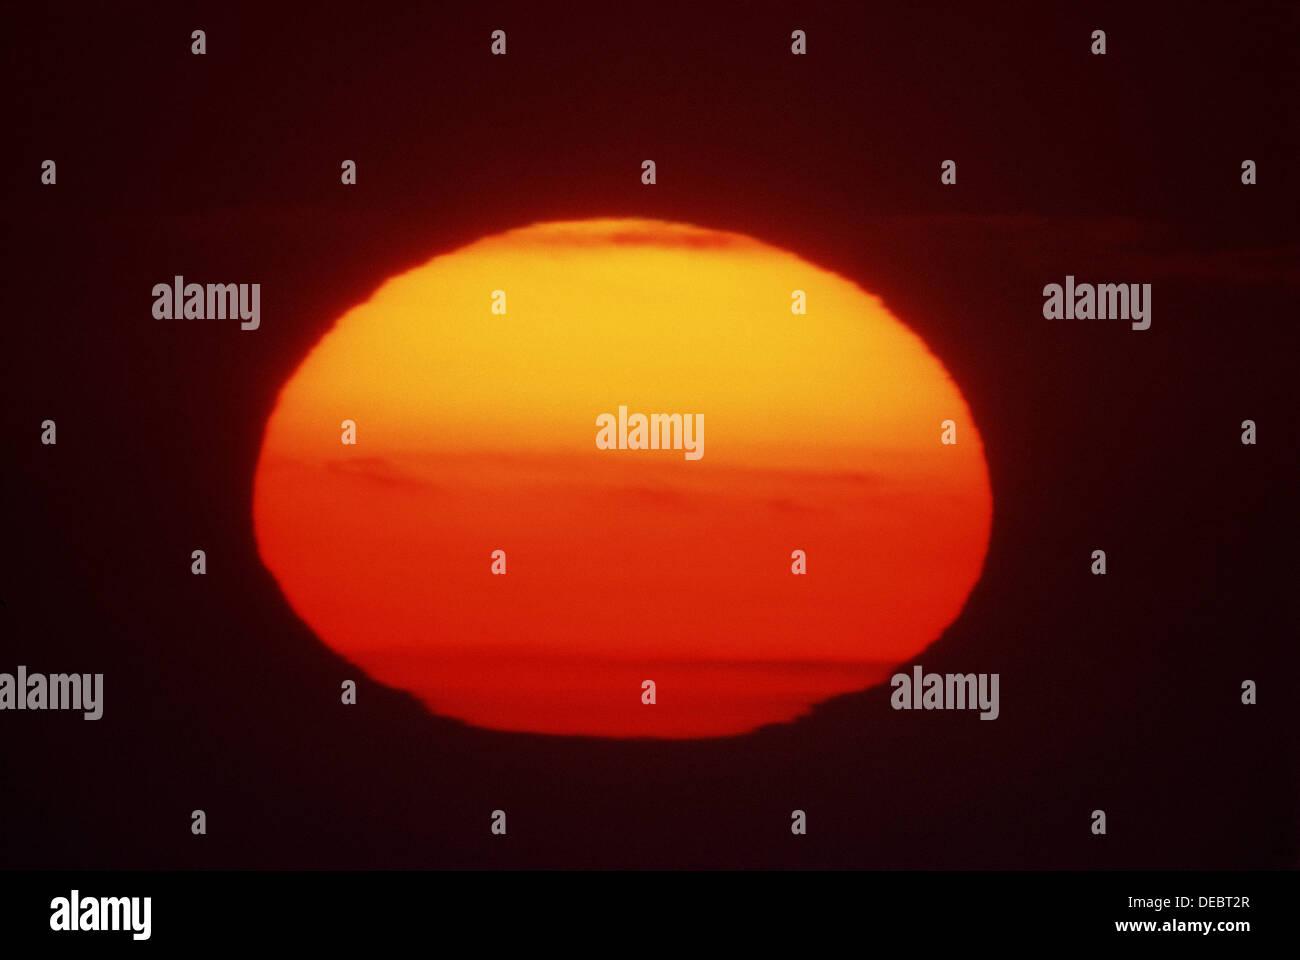 BRIGHT RED SUN IN DARK SKY - Stock Image